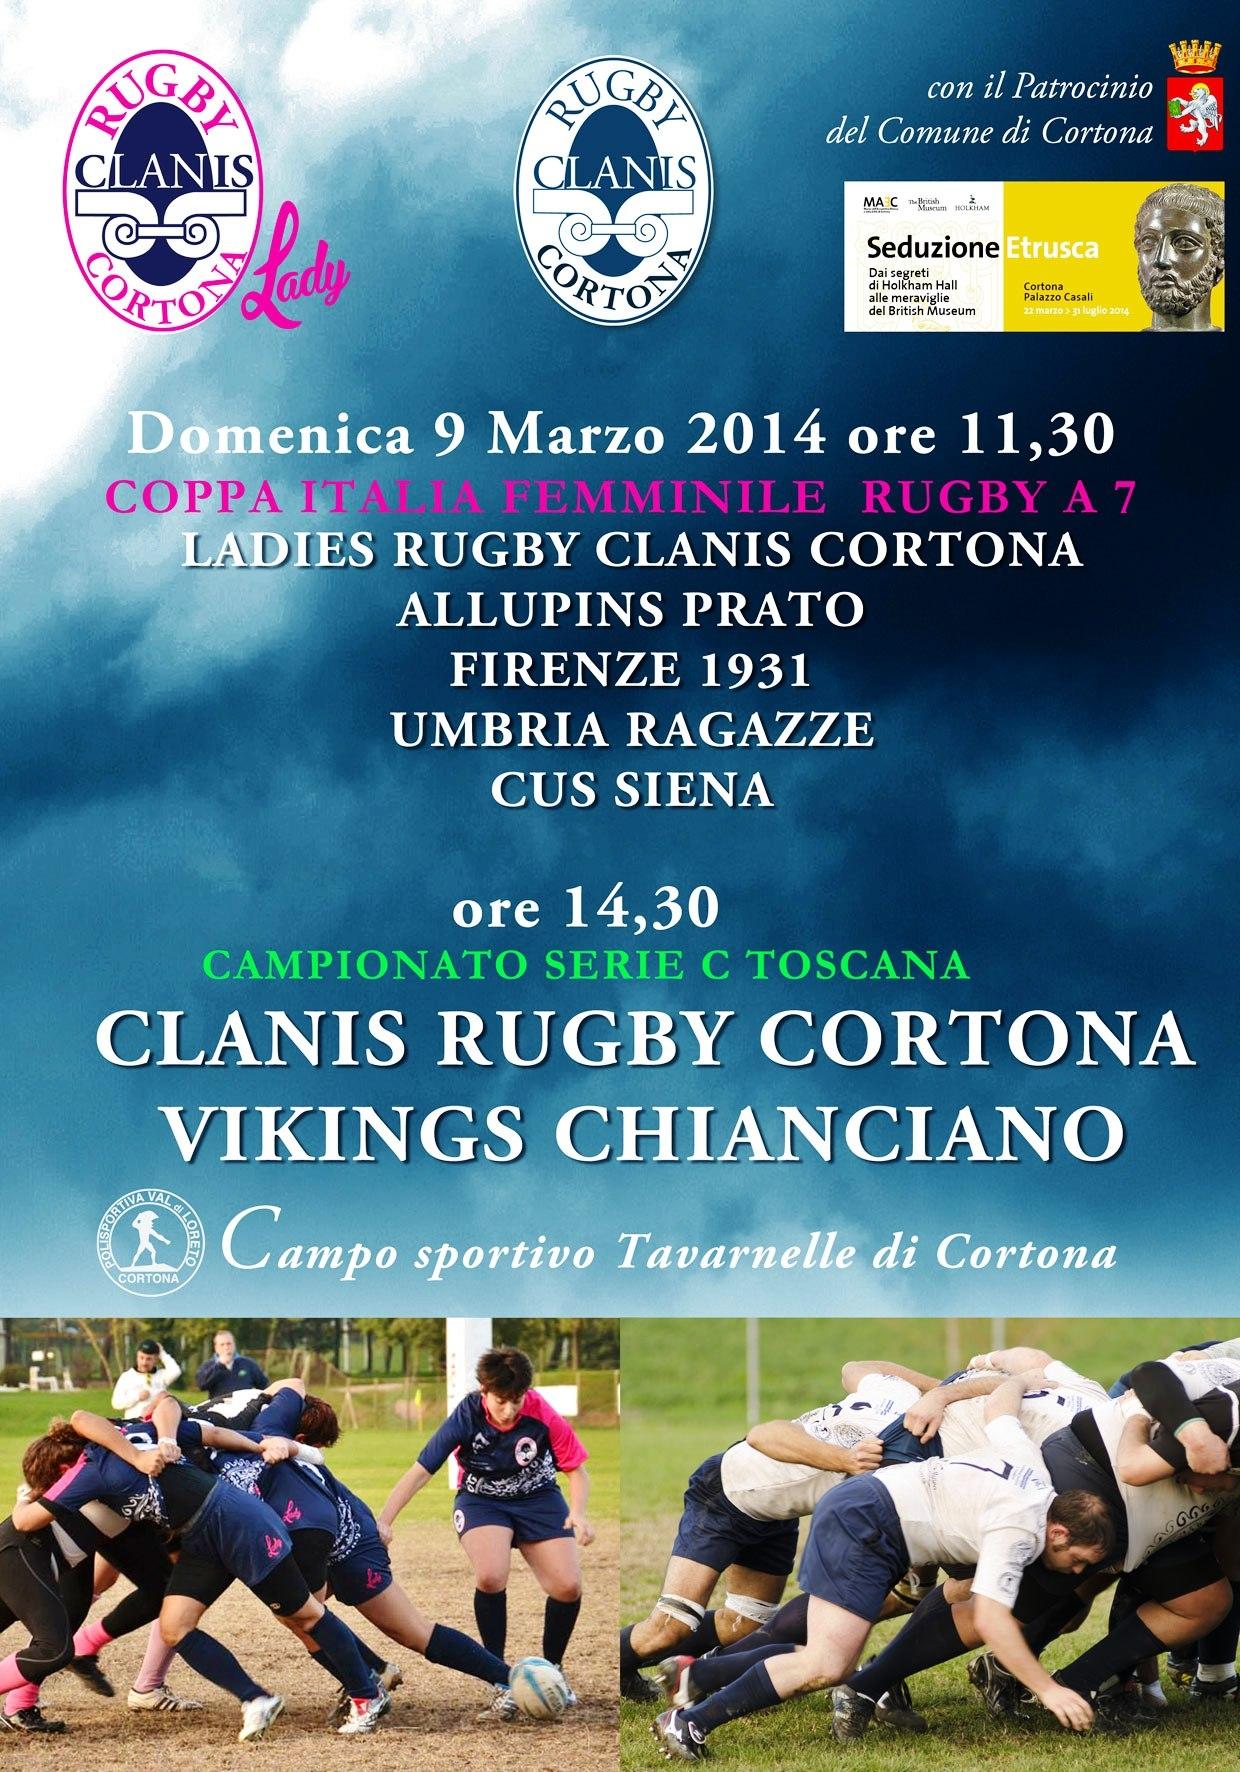 Una grande domenica di Rugby a Tavarnelle di Cortona con il Clanis